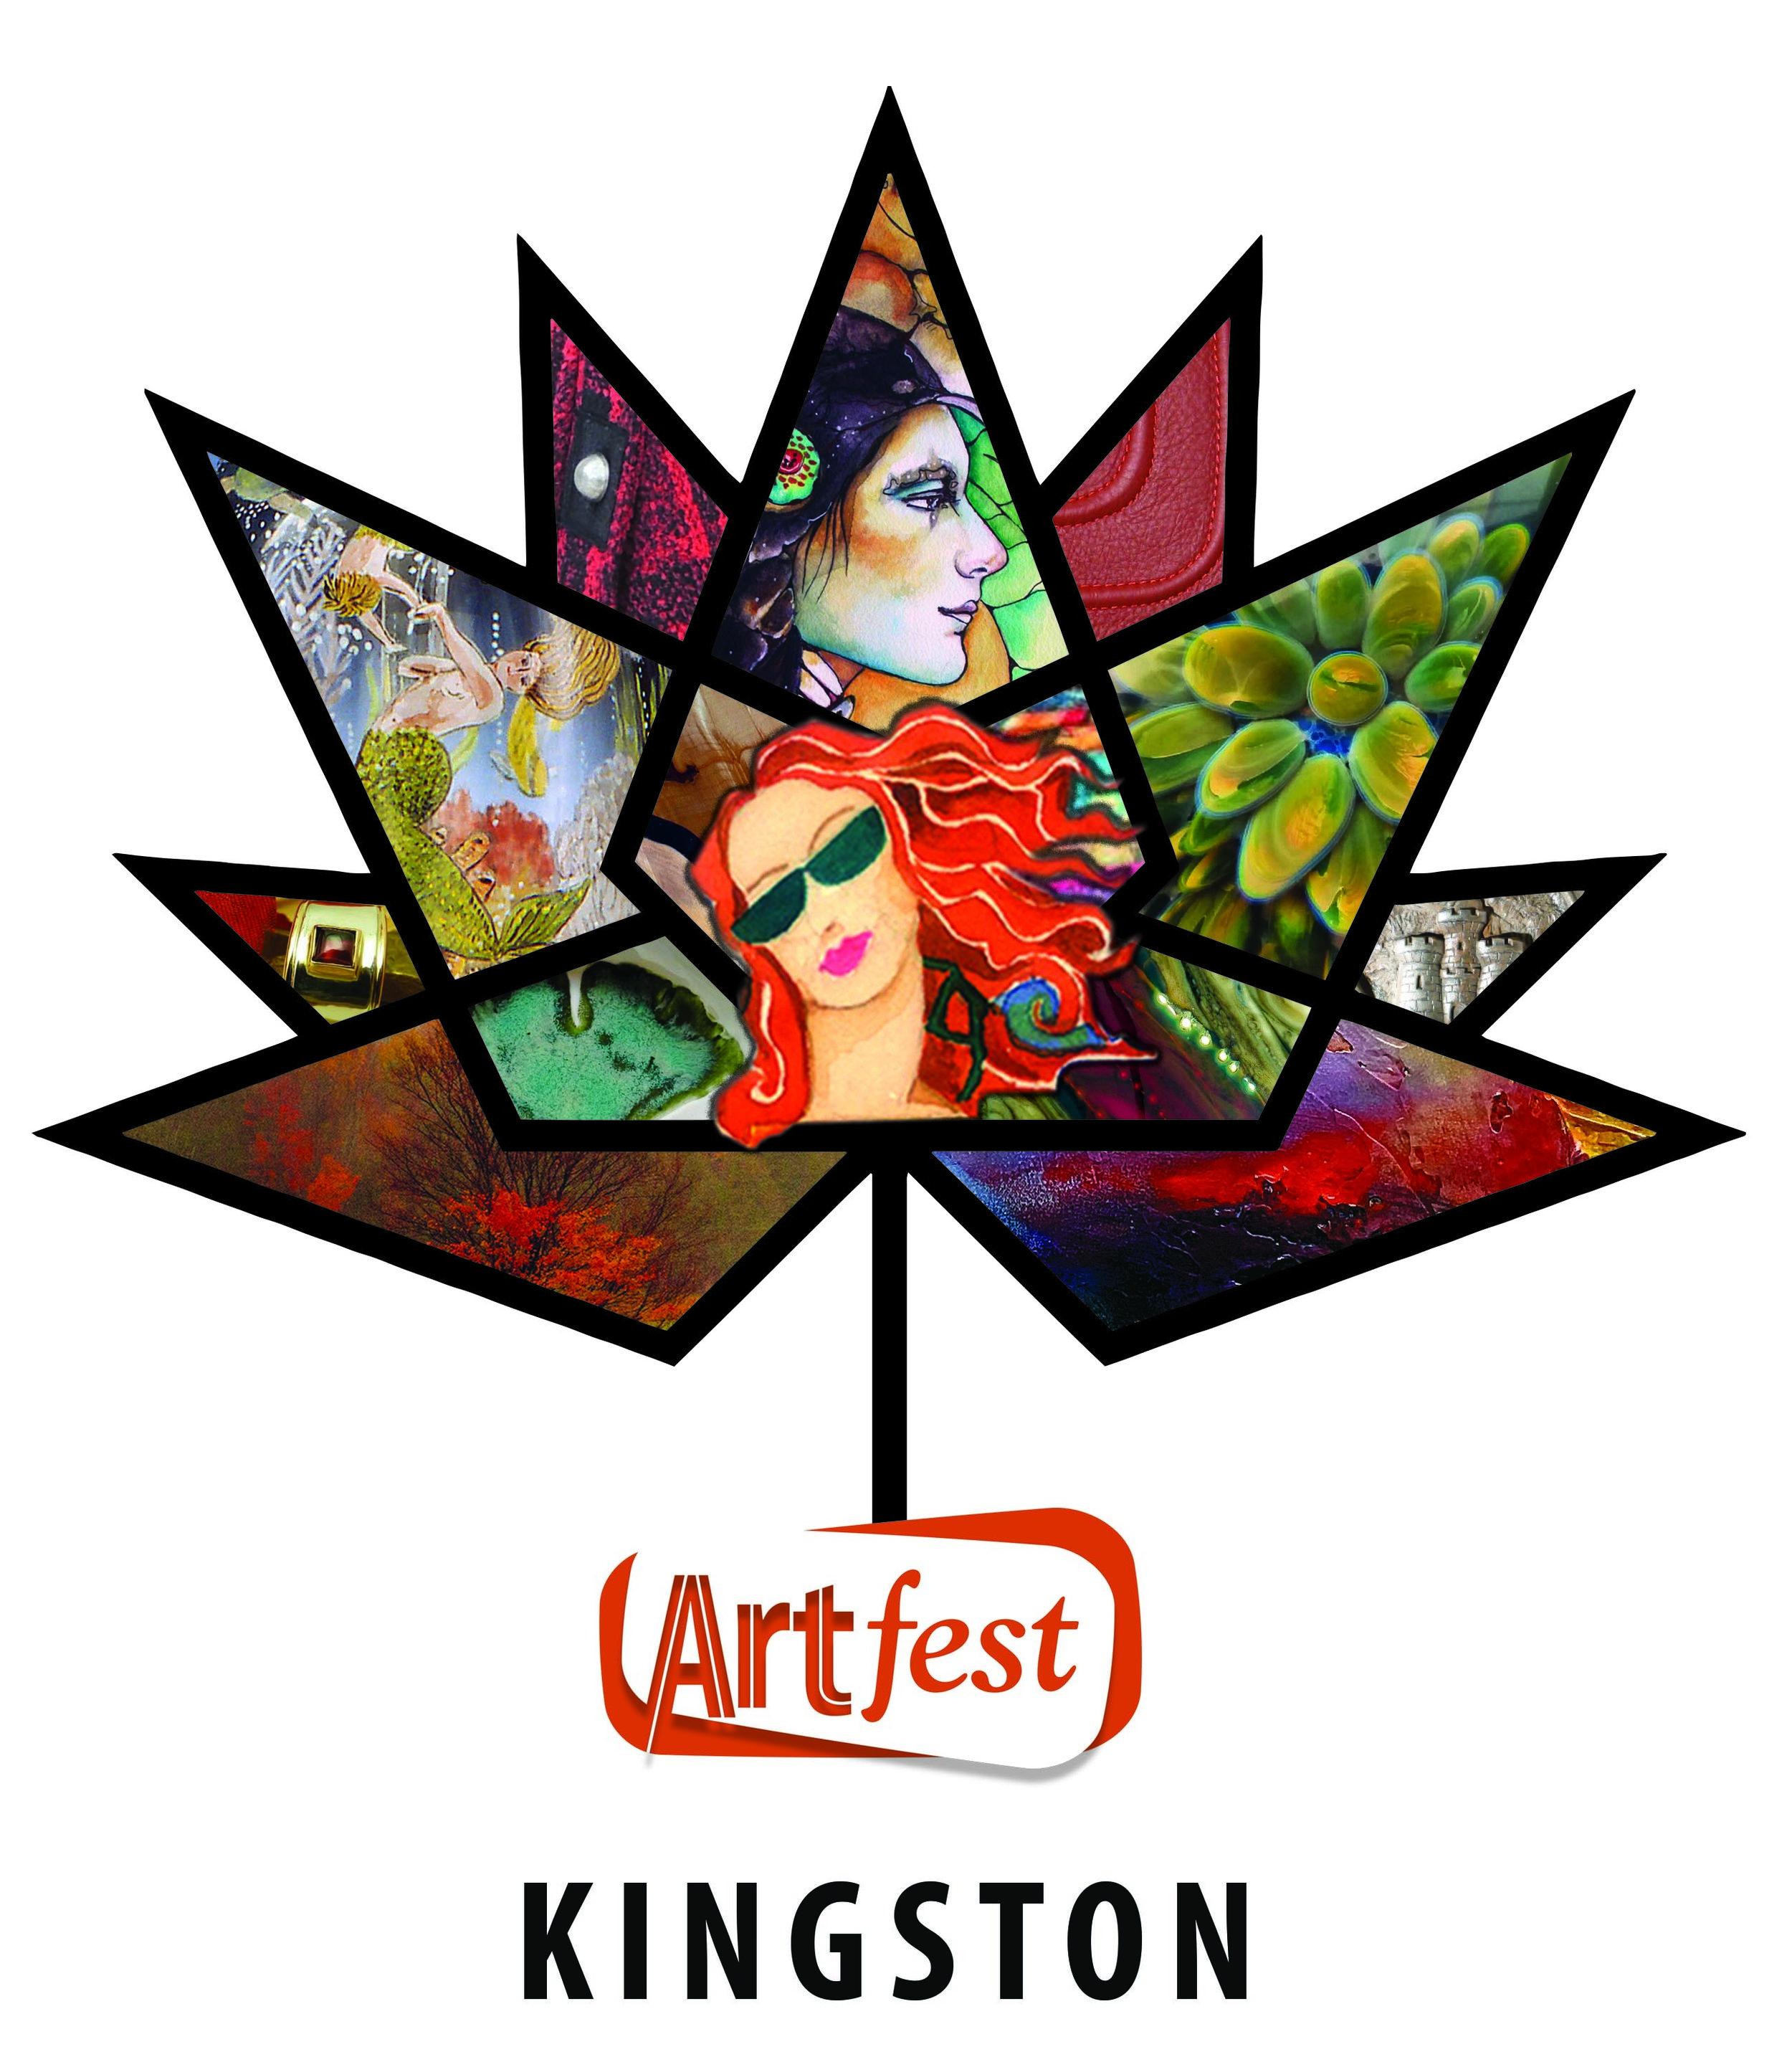 Artfest Kingston Graphic 2017.jpg